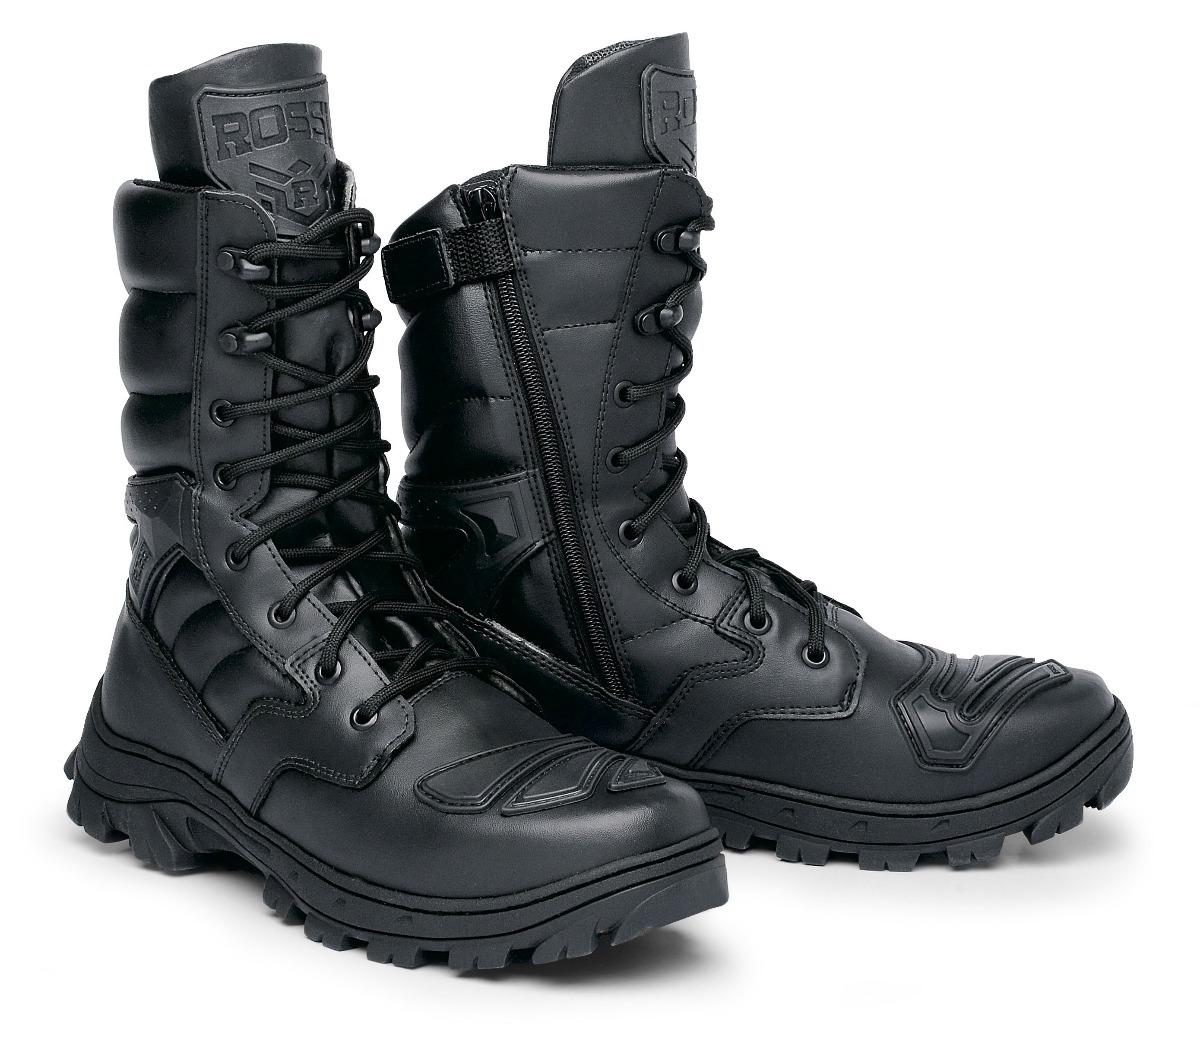 55203b56844 coturno bota militar tática airsoft policial thunder pró. Carregando zoom.